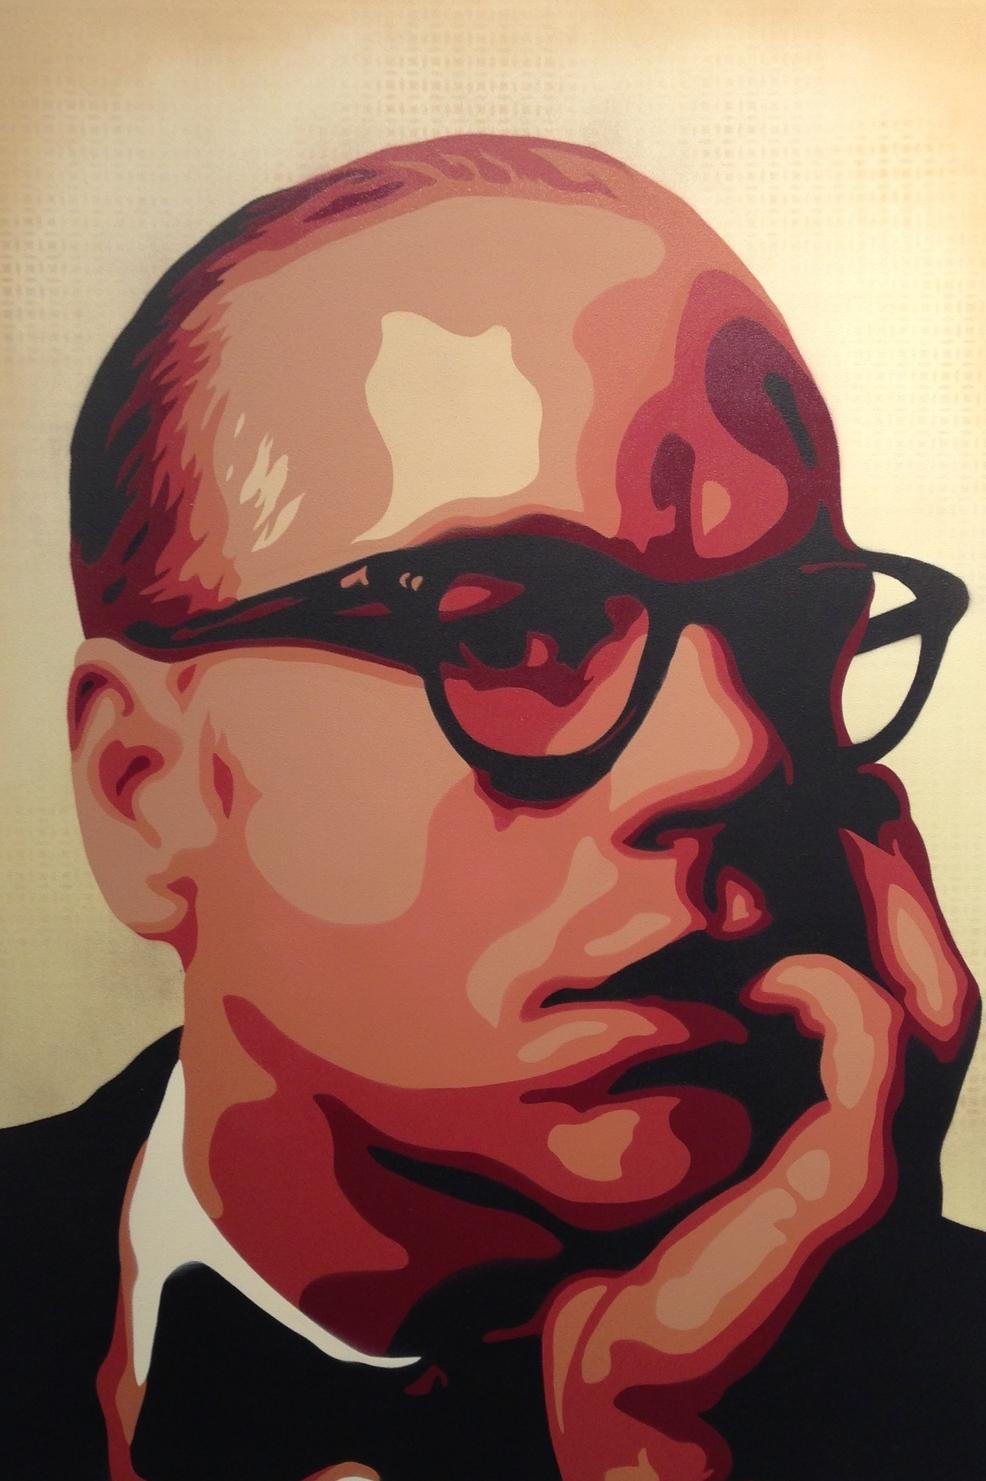 PSH as Truman Capote